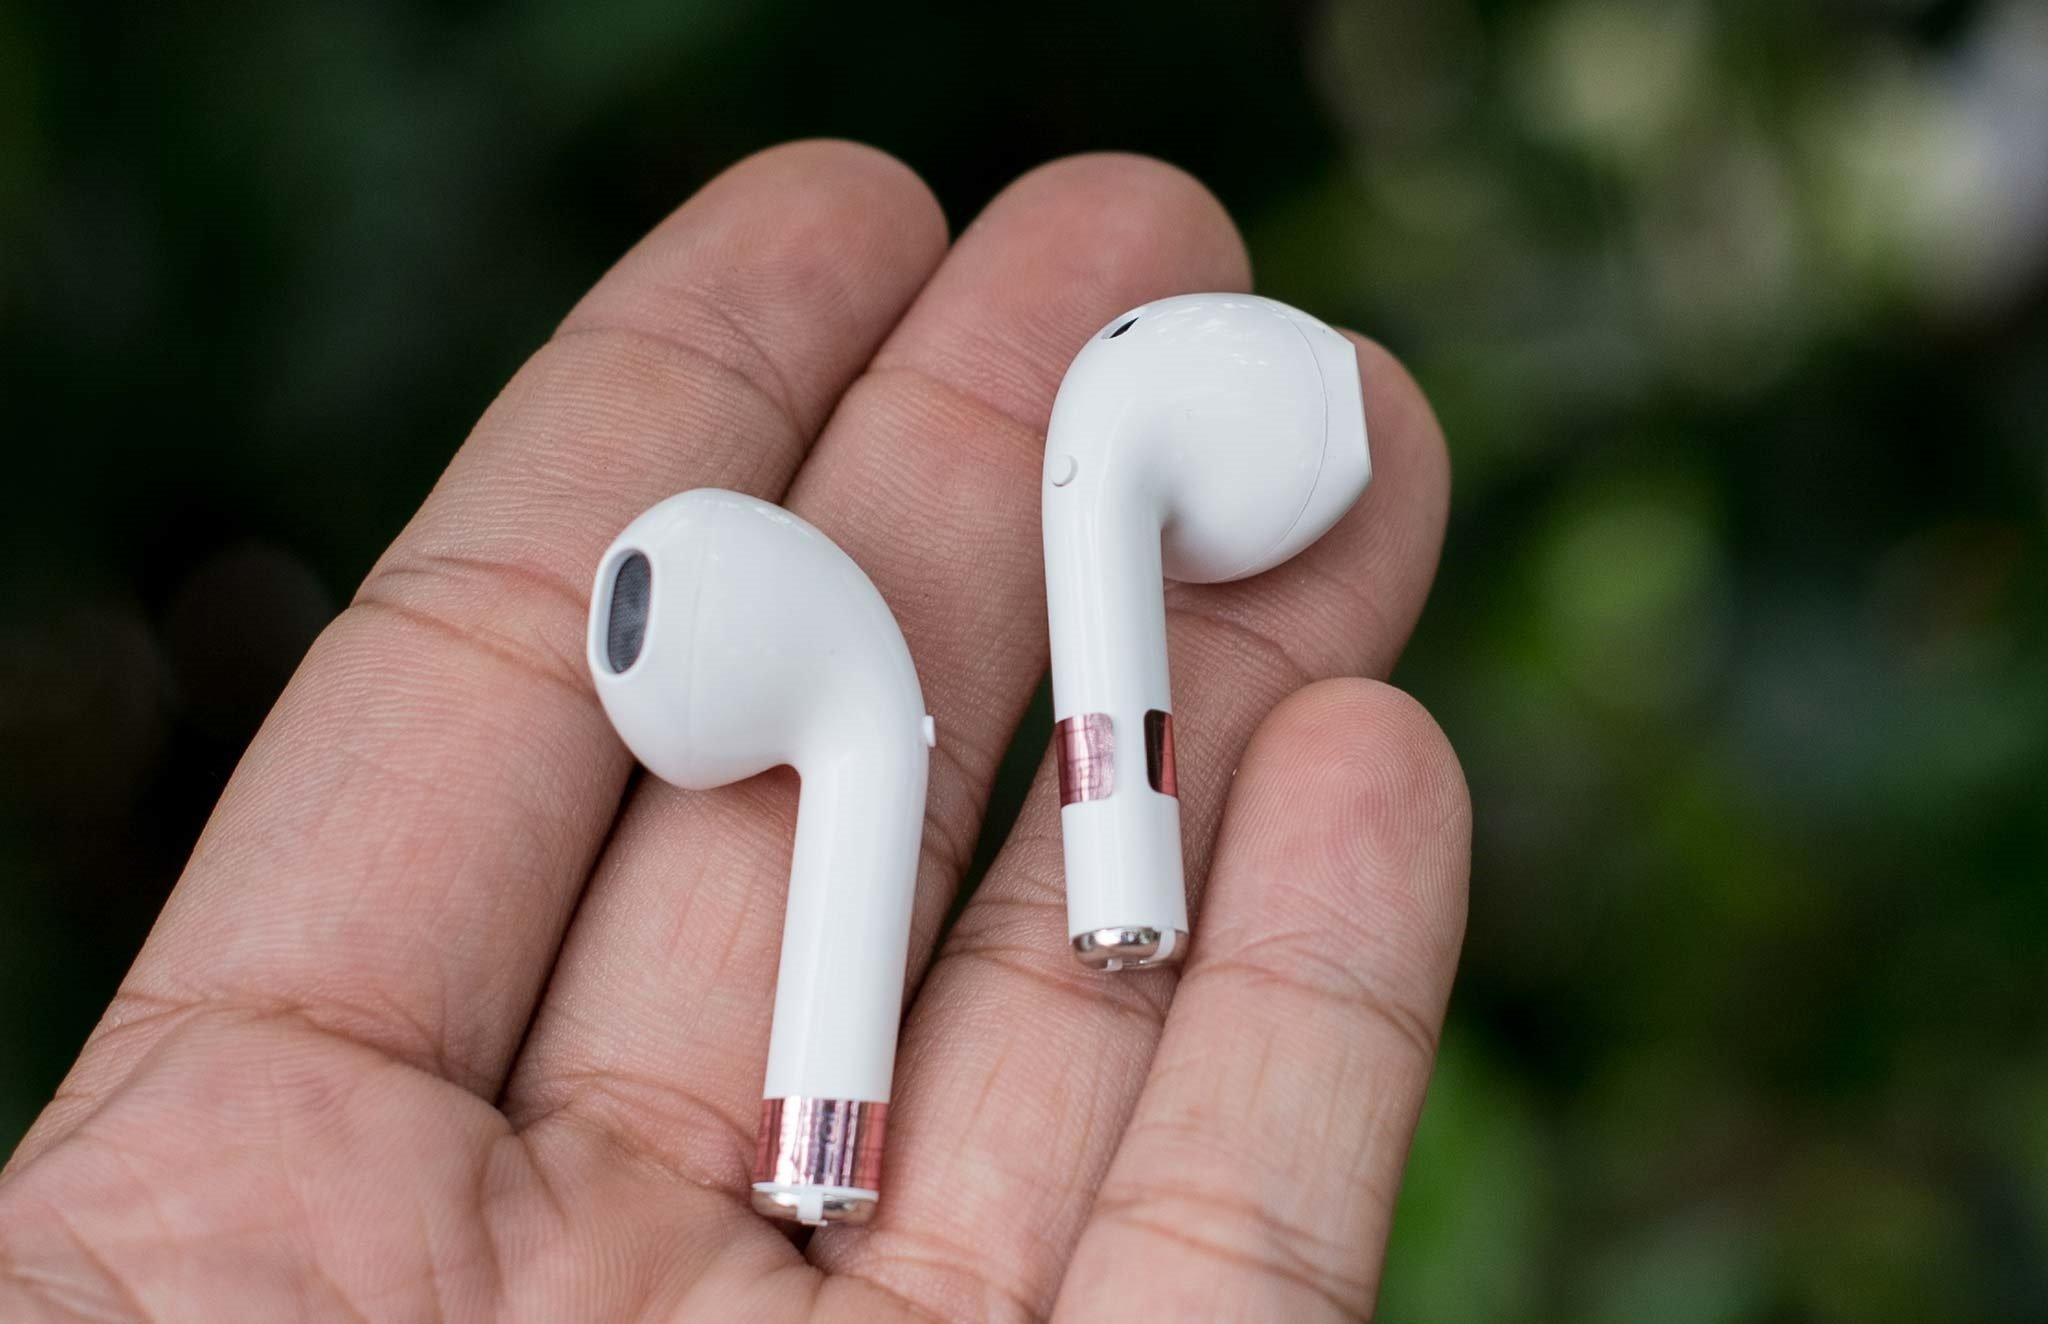 Kinh nghiệm mua tai nghe bluetooth không dây chuẩn xác nhất